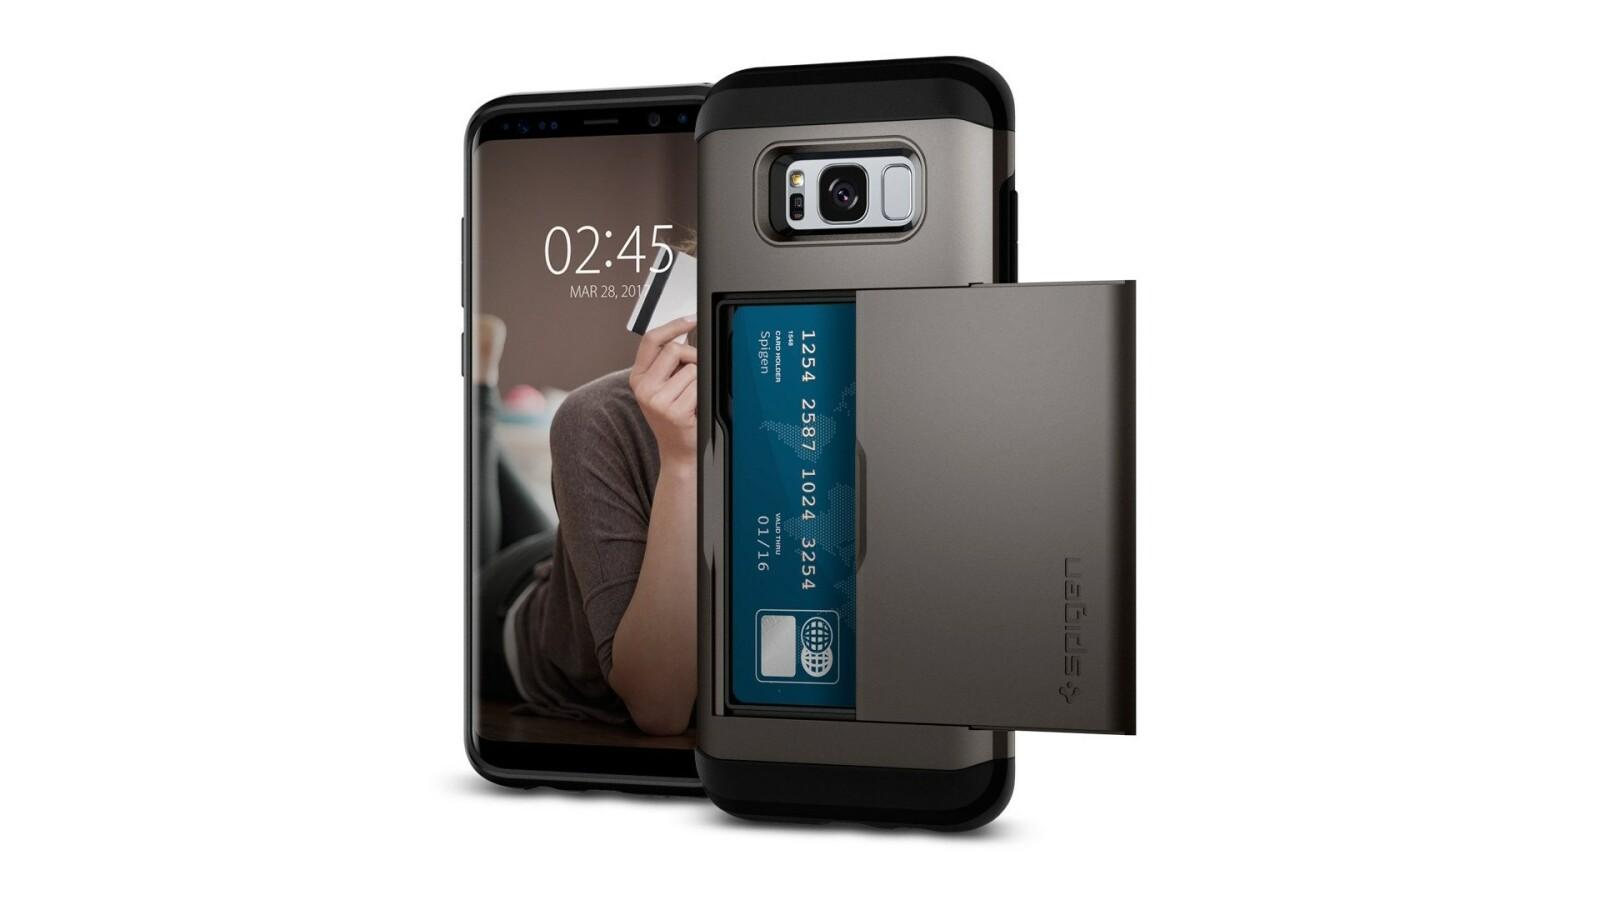 Galaxy S8 Plus Spigen Stellt 9 Neue Hllen Und Cases Vor Netzwelt Note Case Slim Armor Crystal Original Clear